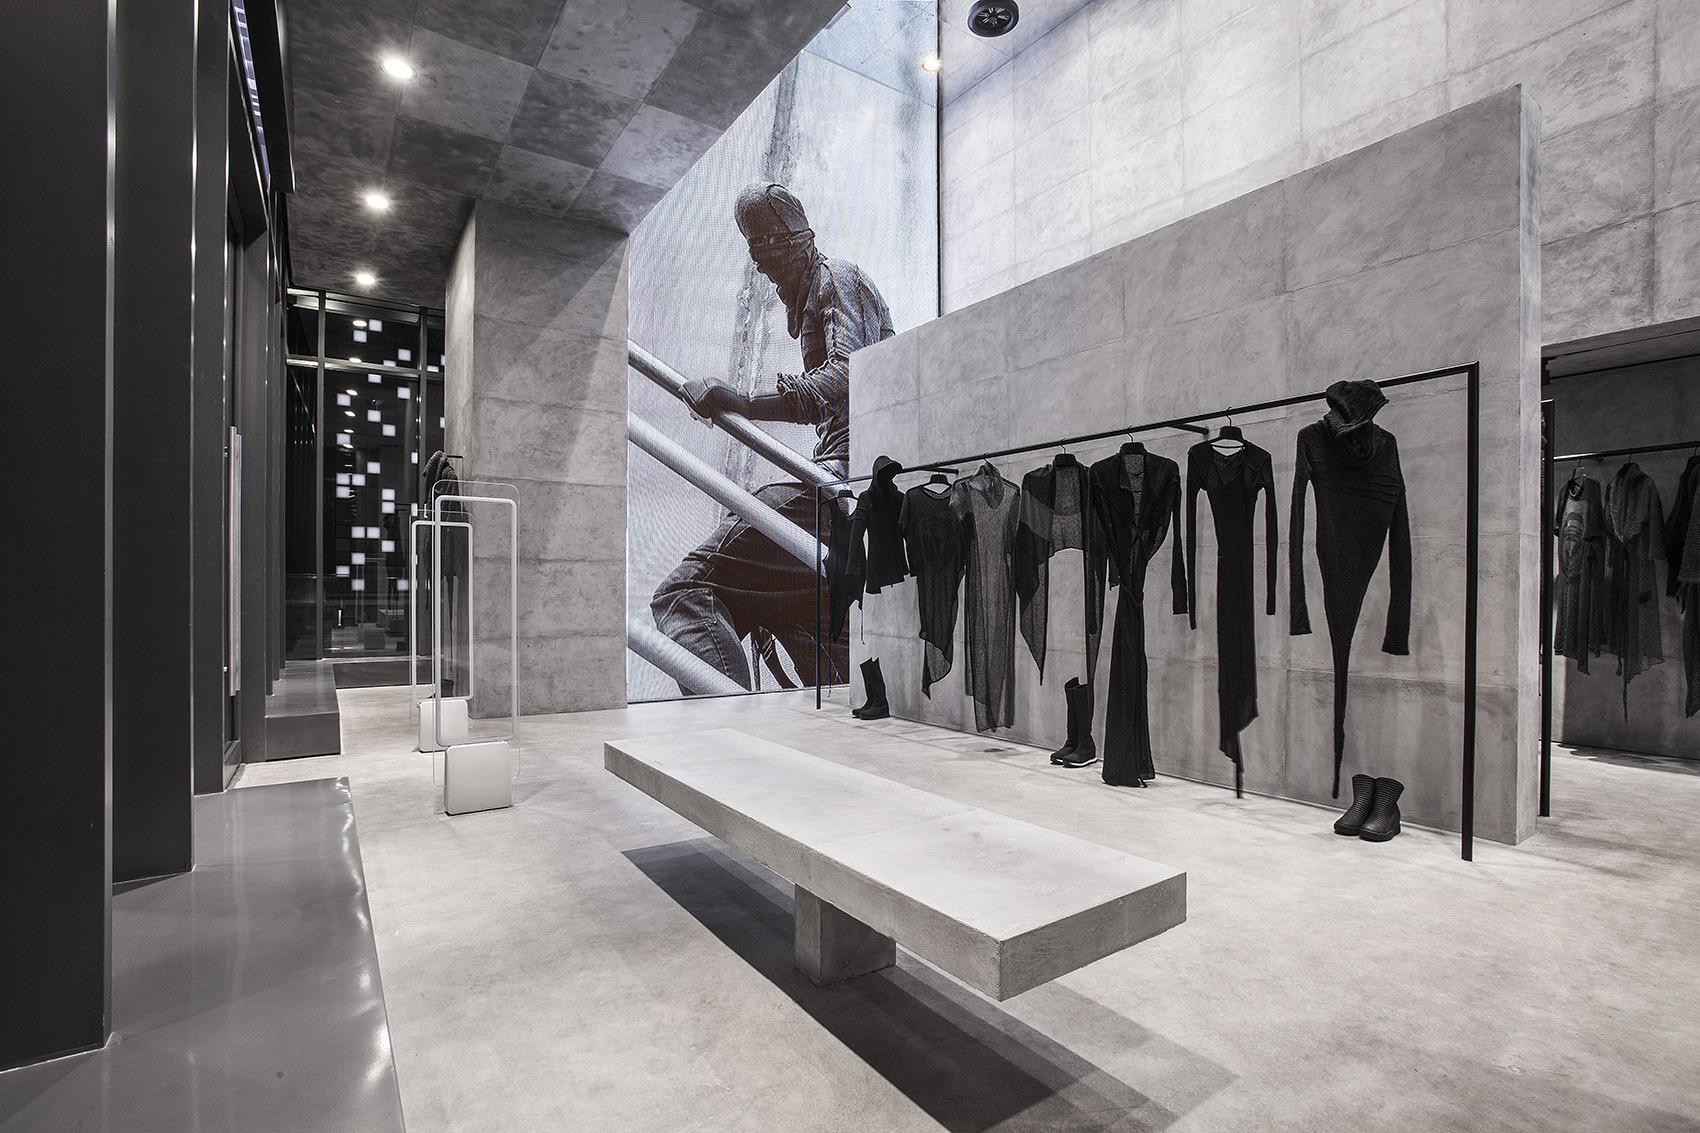 极简风格的服装店铺门头陈列空间设计效果图